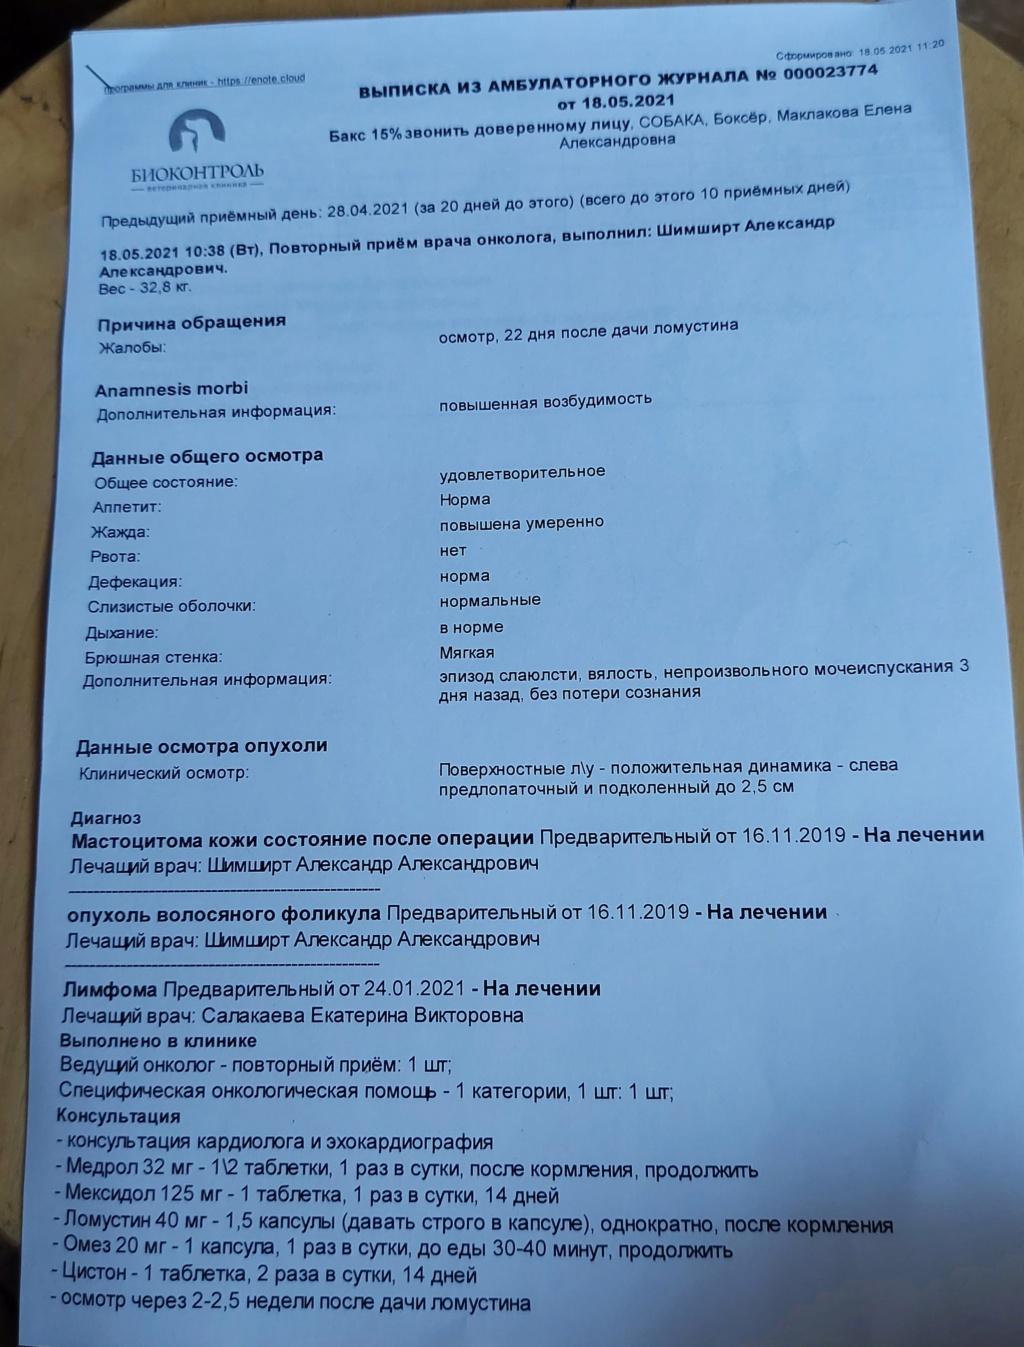 Москва, Бакс, кобель, 02.06.2010 - Страница 17 20210518